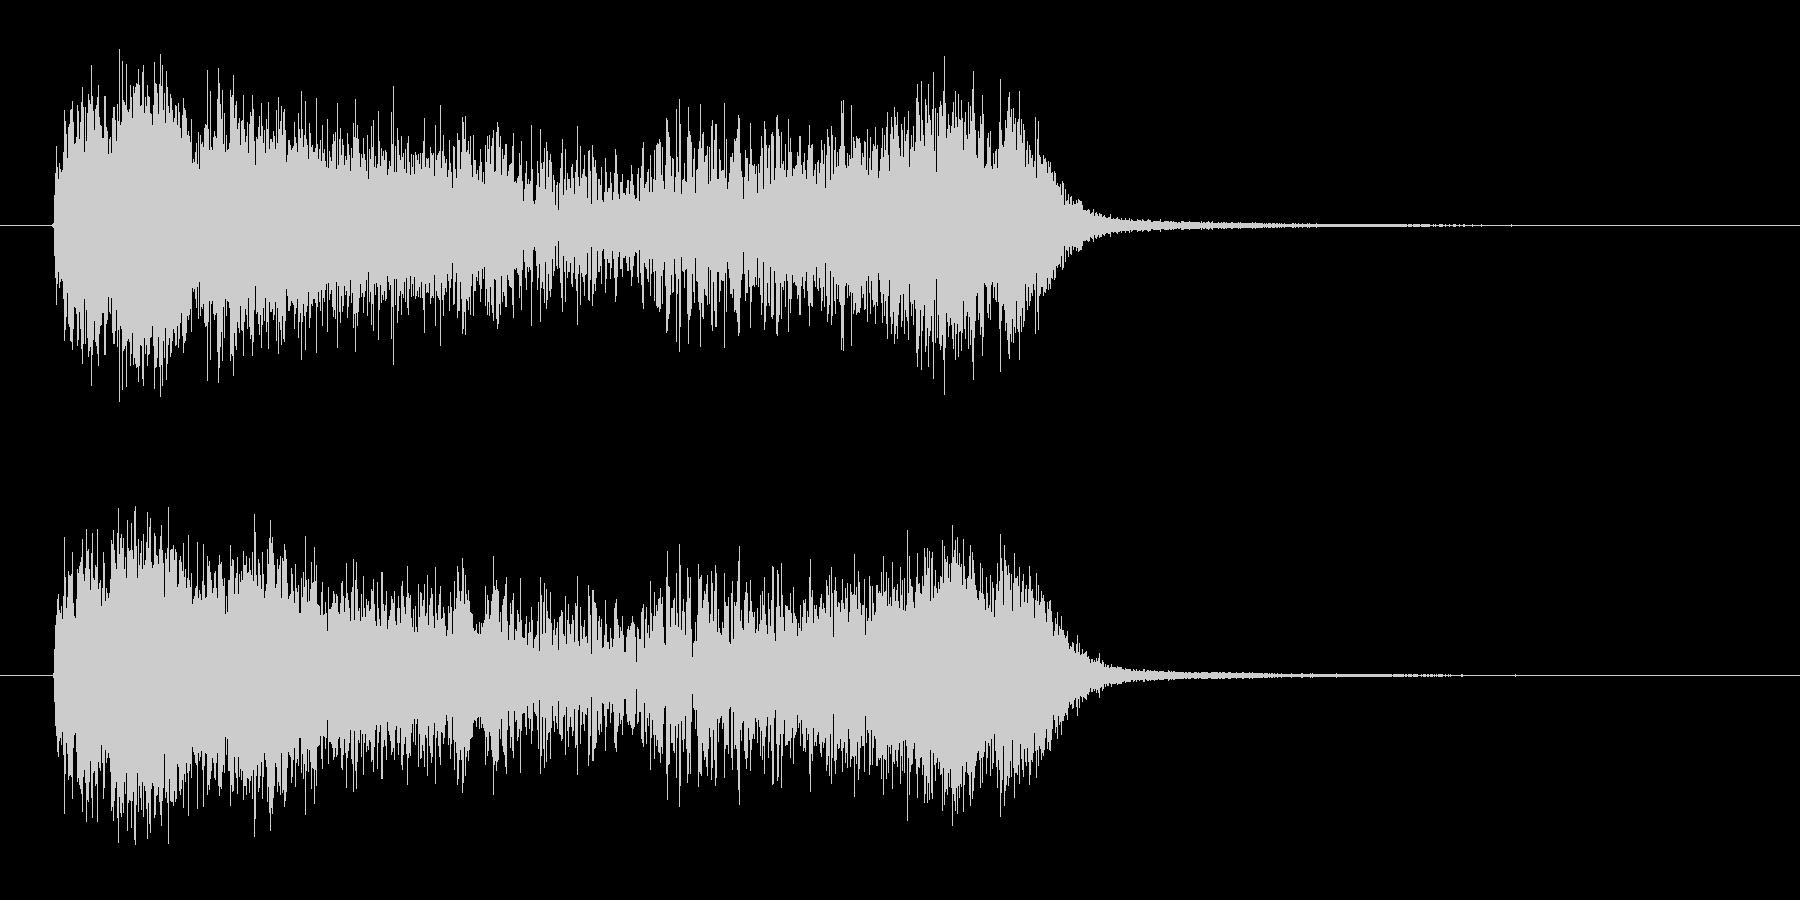 タイムスリップなどのファンタジーSEの未再生の波形